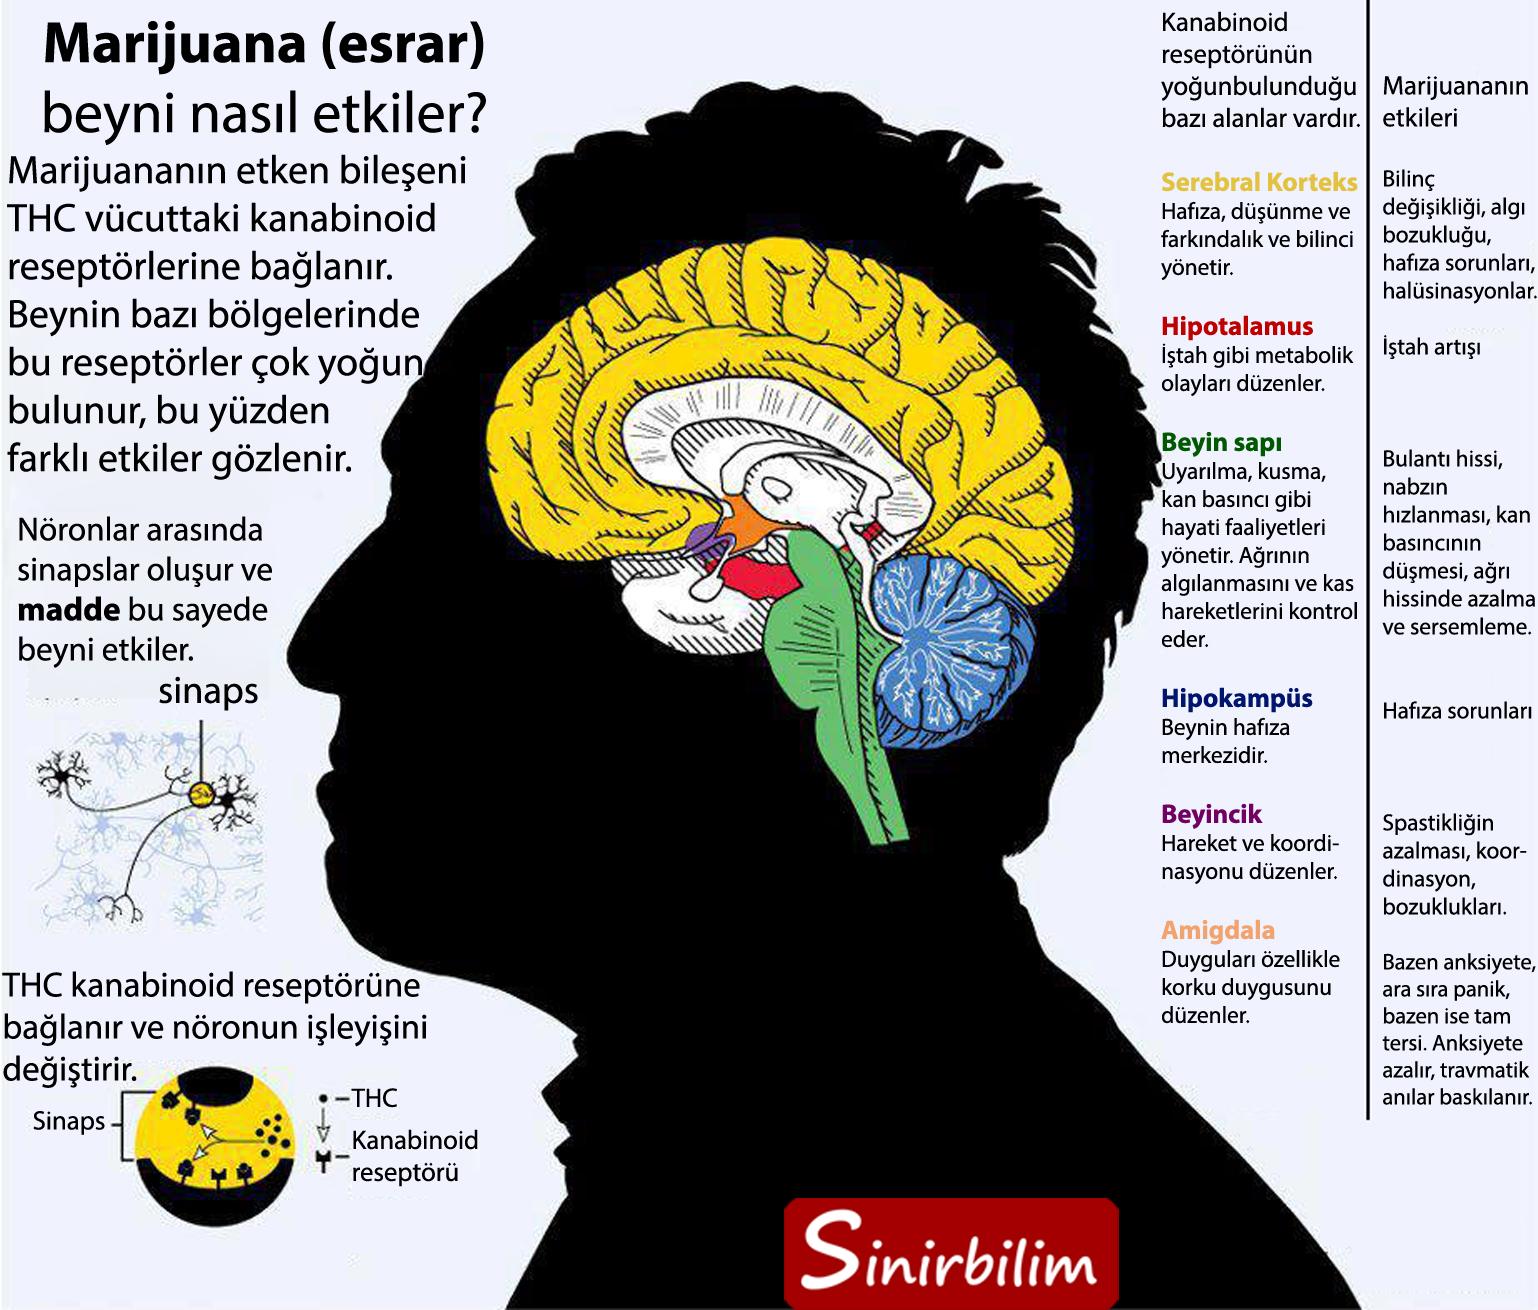 Marijuananın Beyne Etkileri